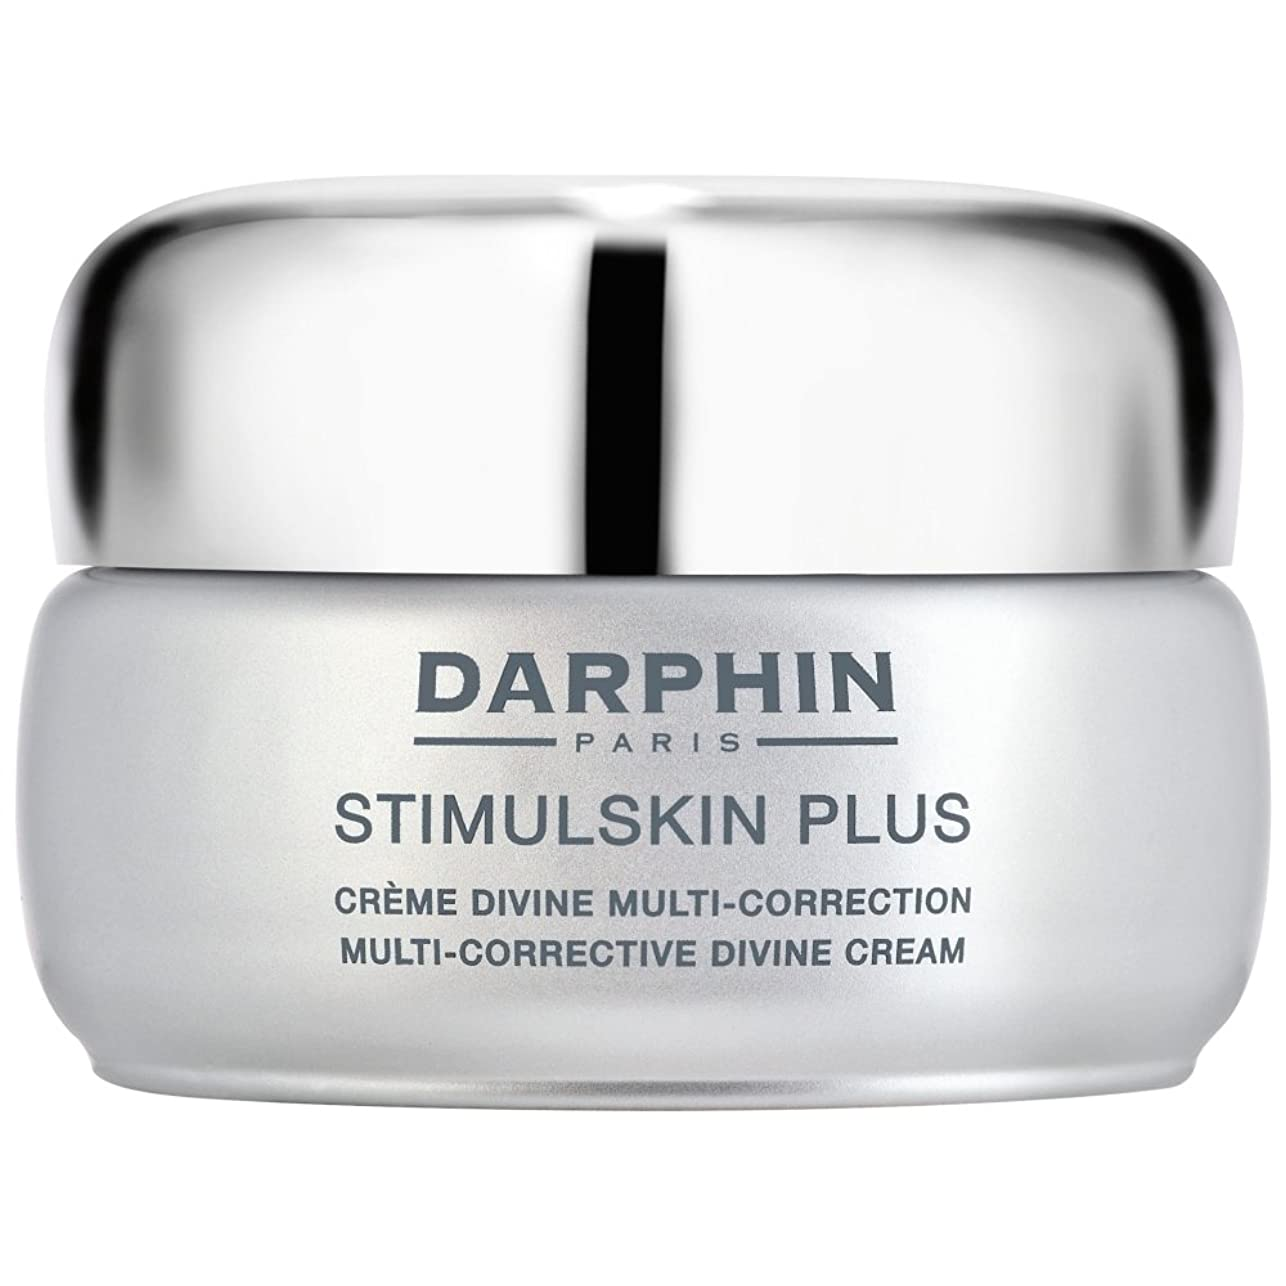 何か阻害する擬人化スティプラスマルチ是正神のクリームダルファン、50ミリリットル (Darphin) - Darphin Stimulskin Plus Multi-Corrective Divine Cream, 50ml [並行輸入品]